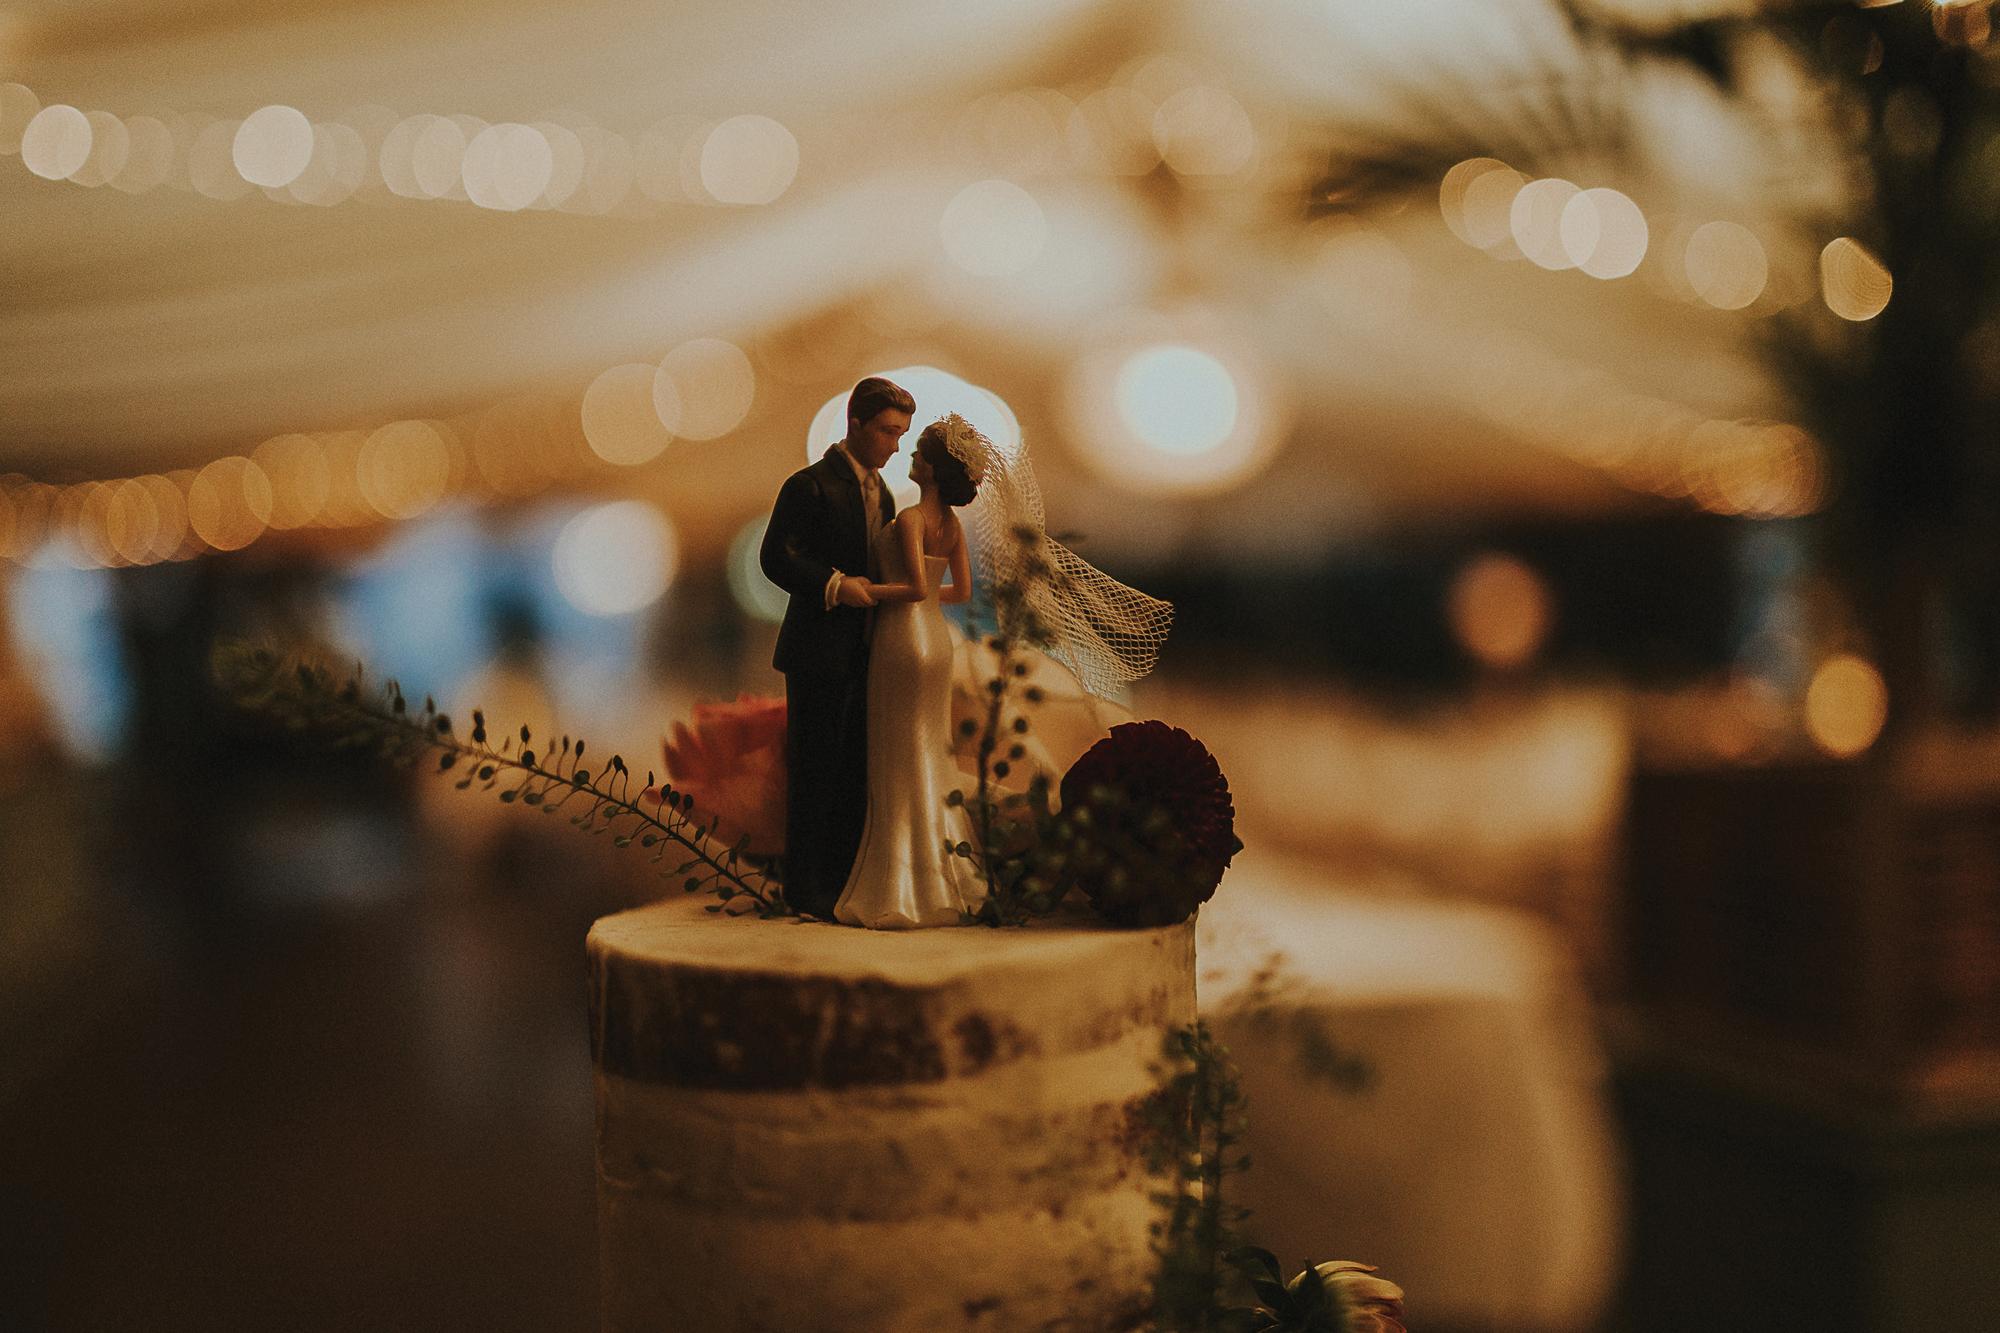 irish_wedding_photograpers_11.jpg